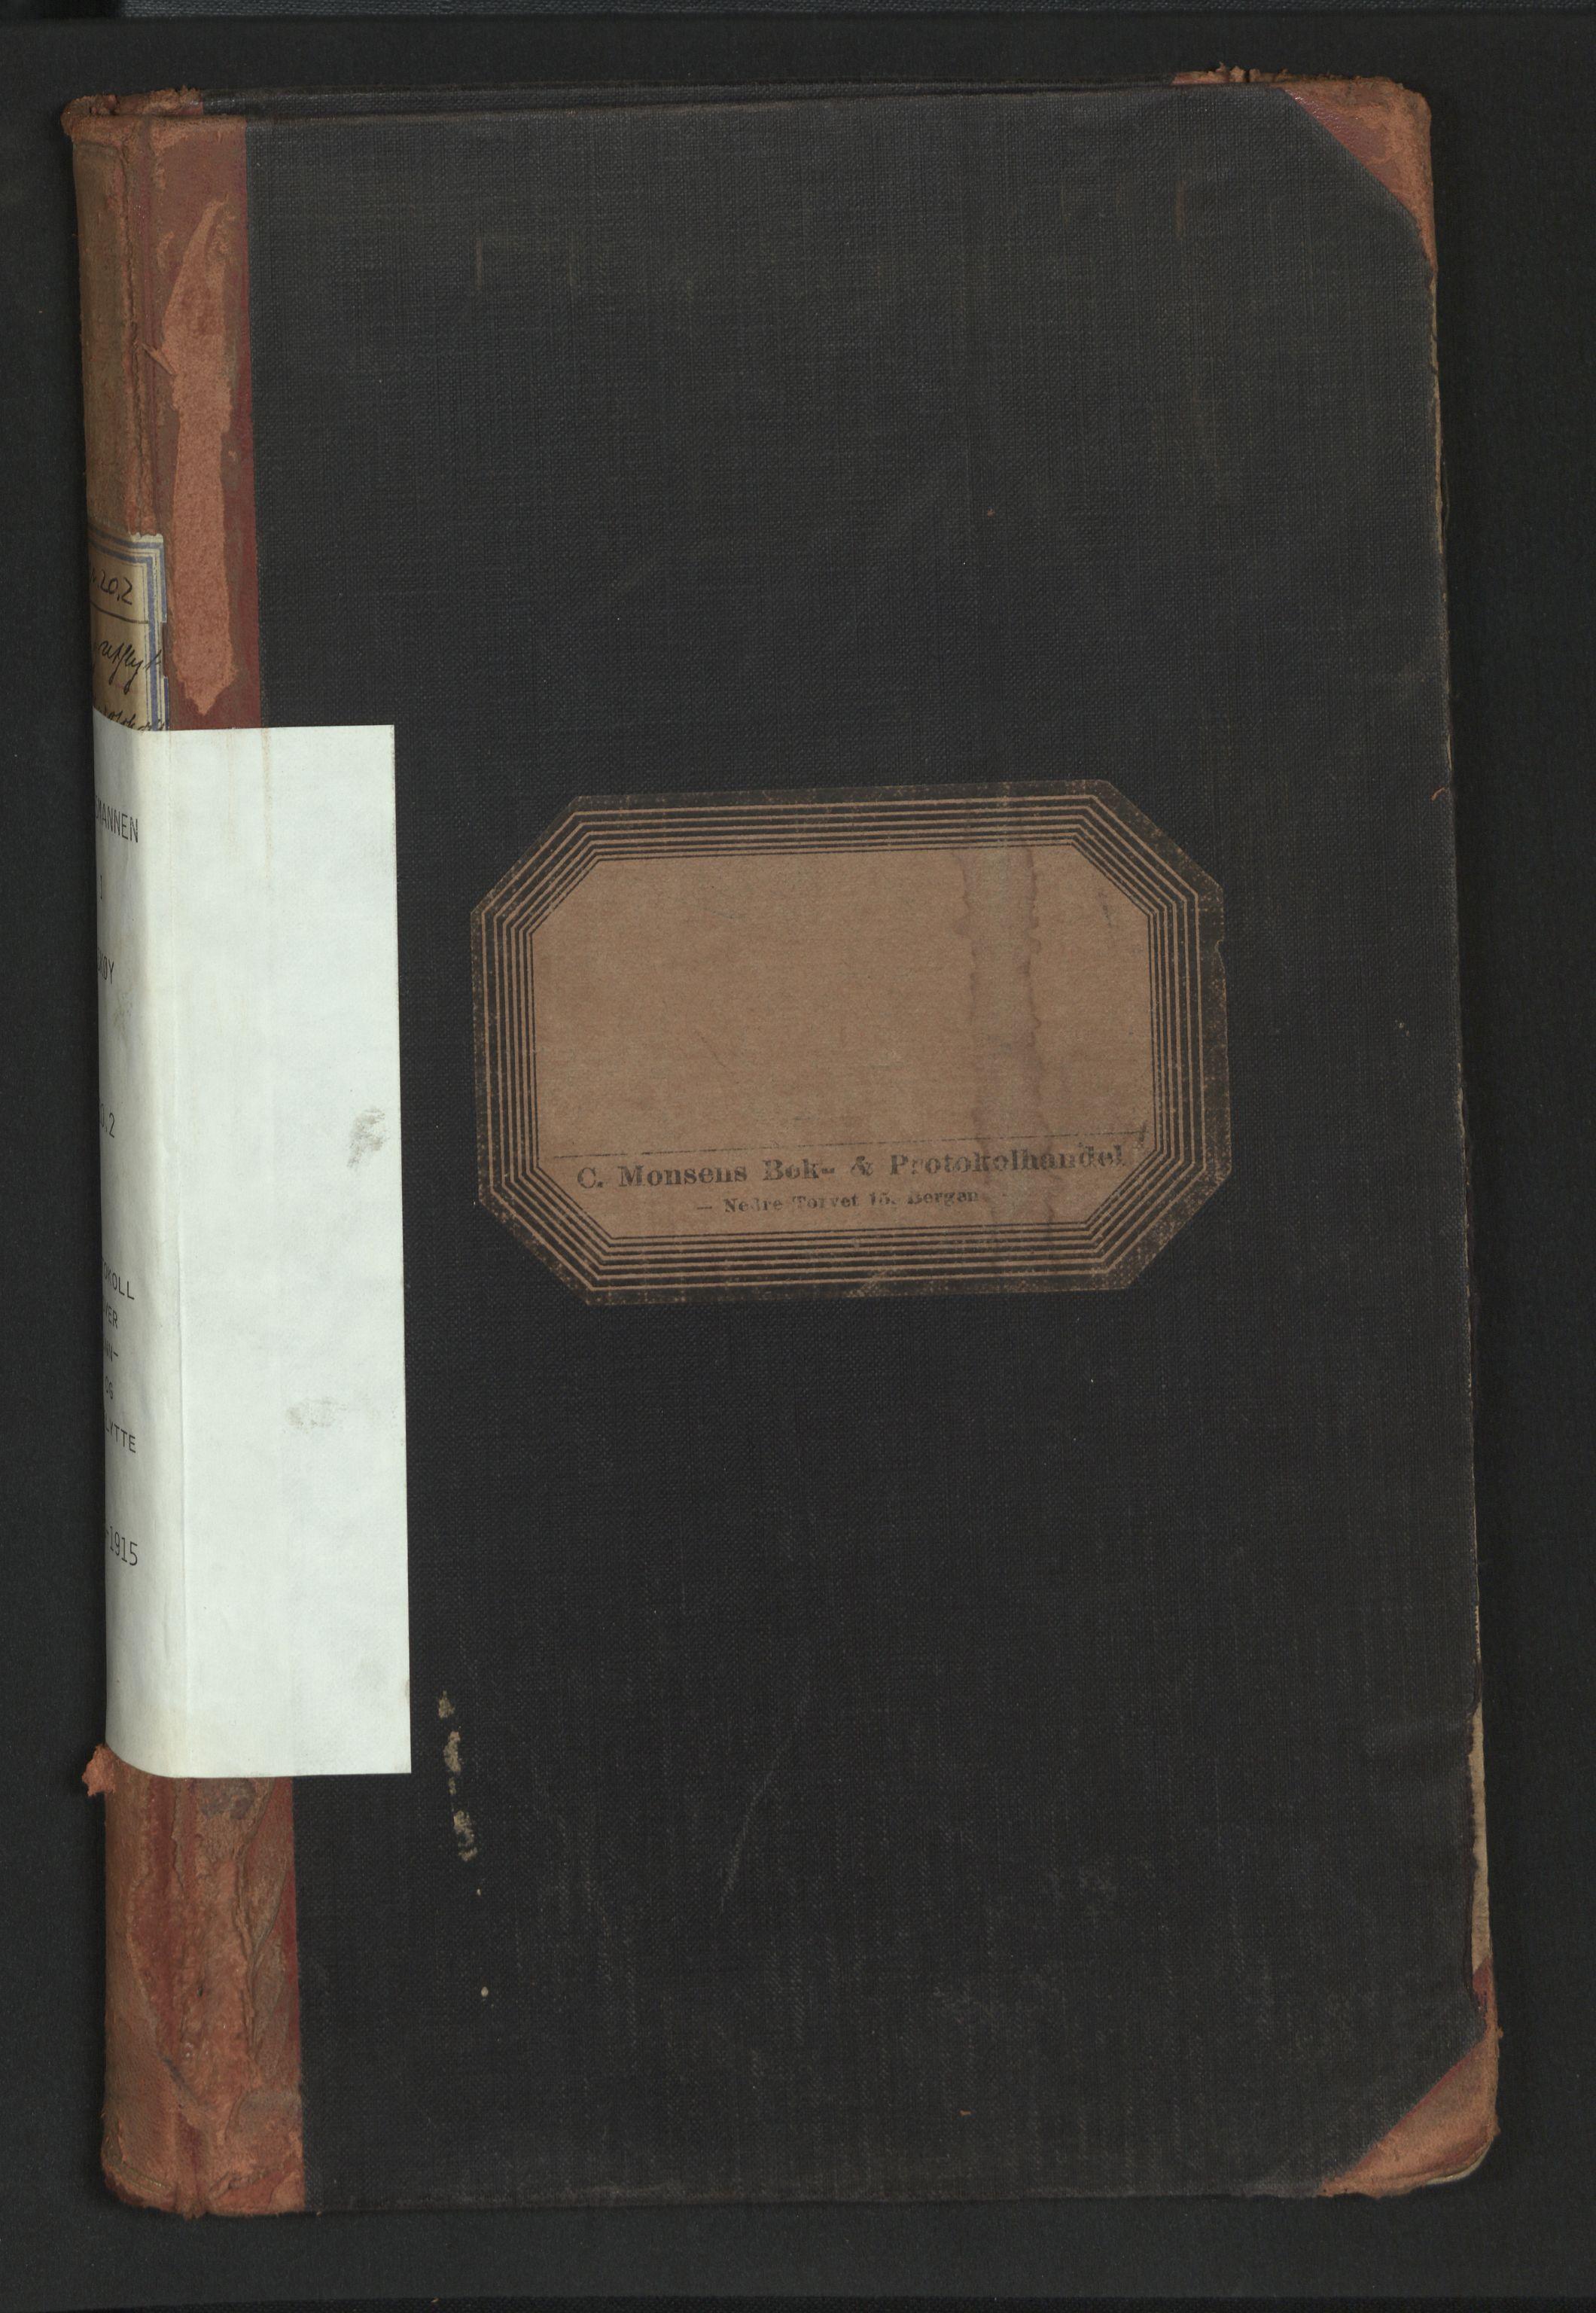 SAB, Lensmannen i Askøy, 0020/L0002: Protokoll over inn- og utflytte, 1910-1915